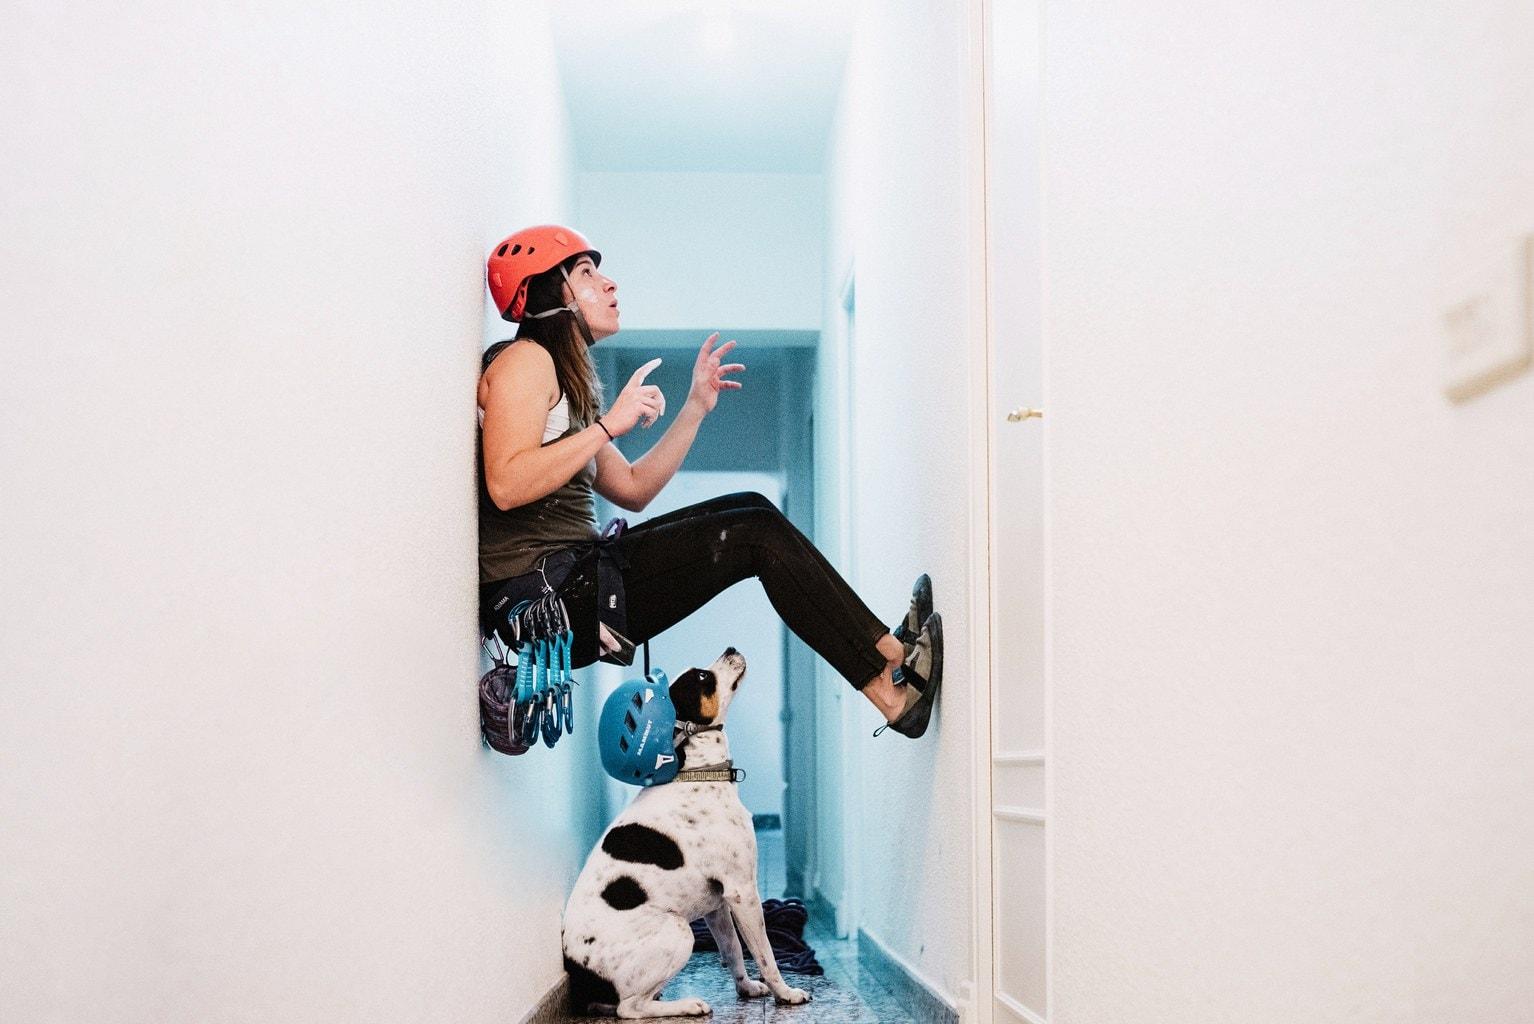 Autorretrato de chica escalando por pared de casa frente a la atenta mirada de su perro